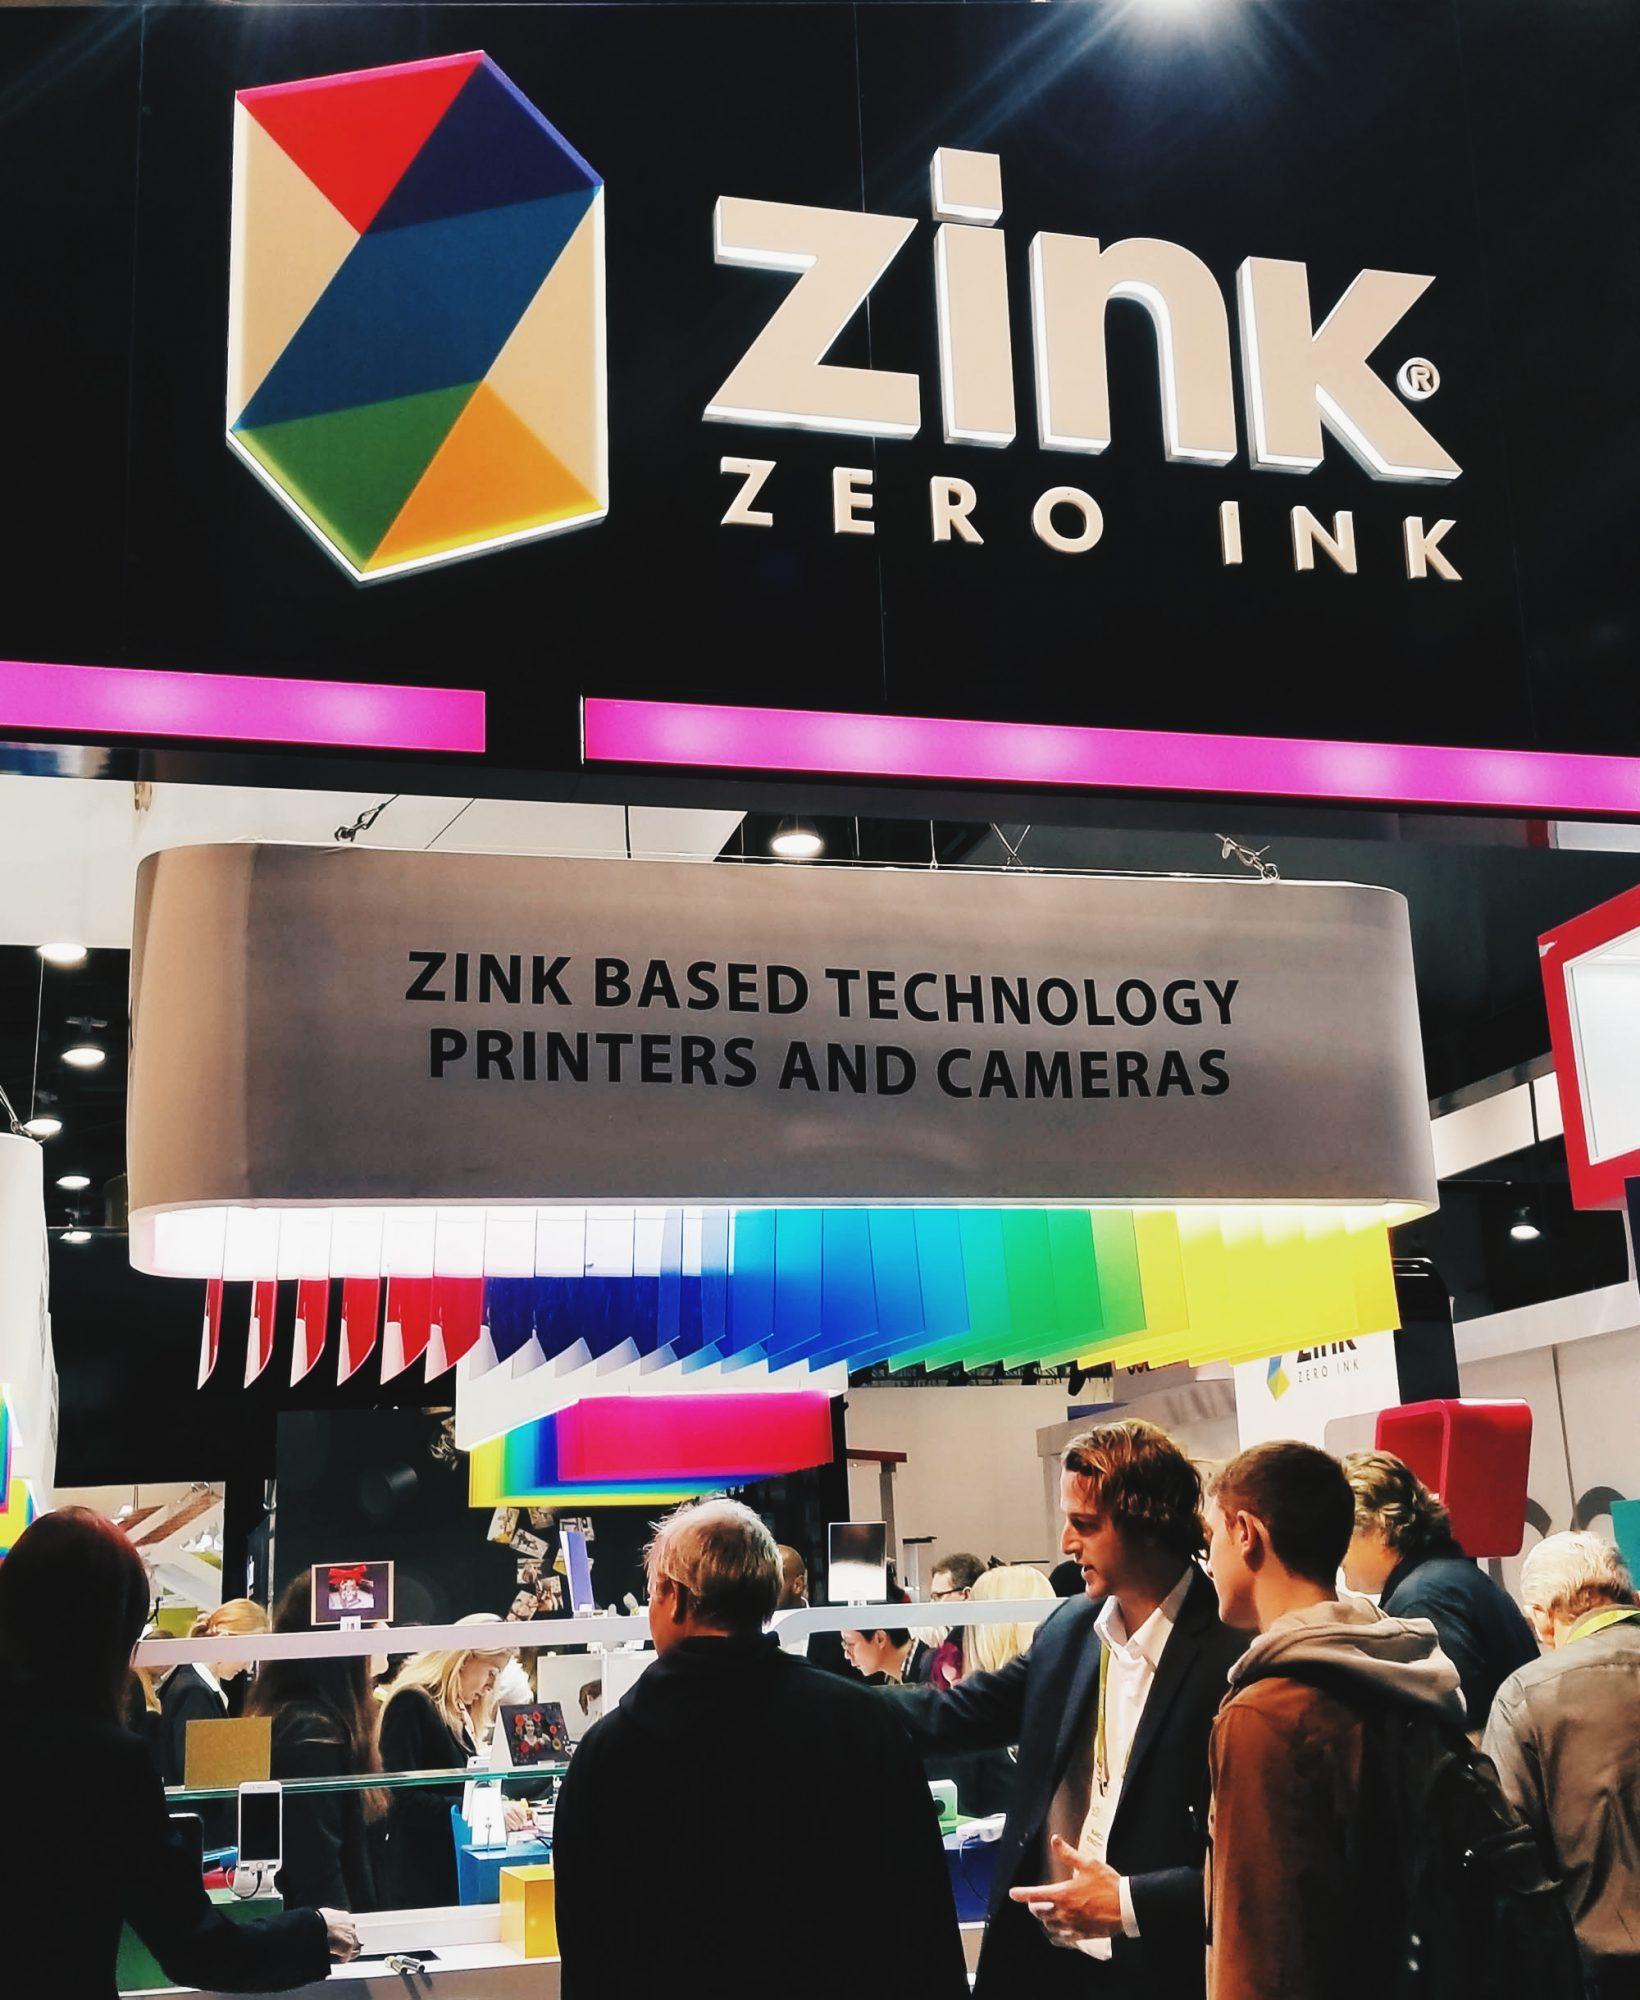 Zink Zero Ink CES 2018